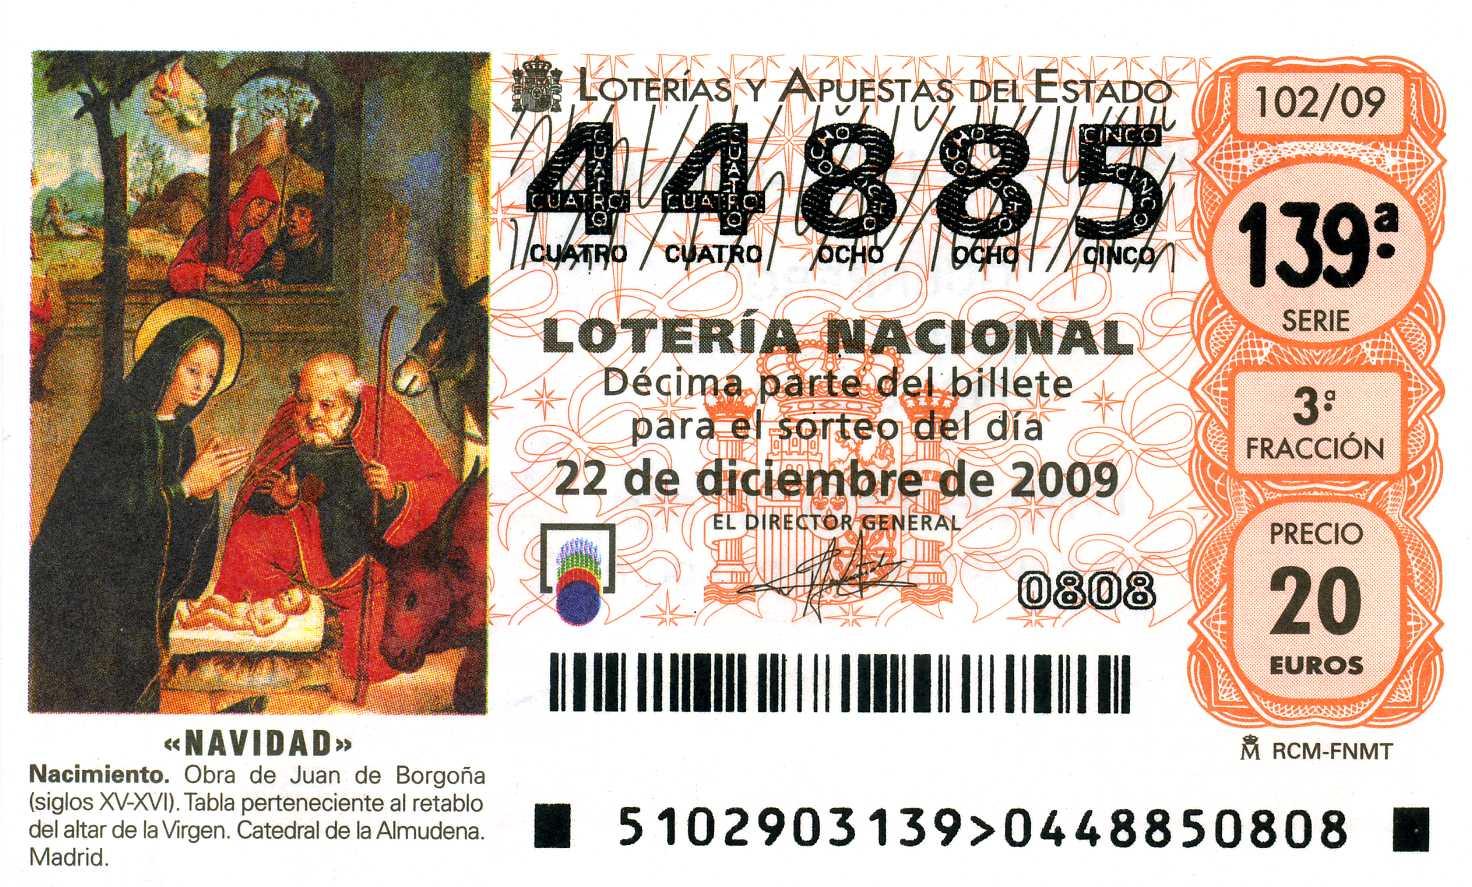 de decimos de loteria: